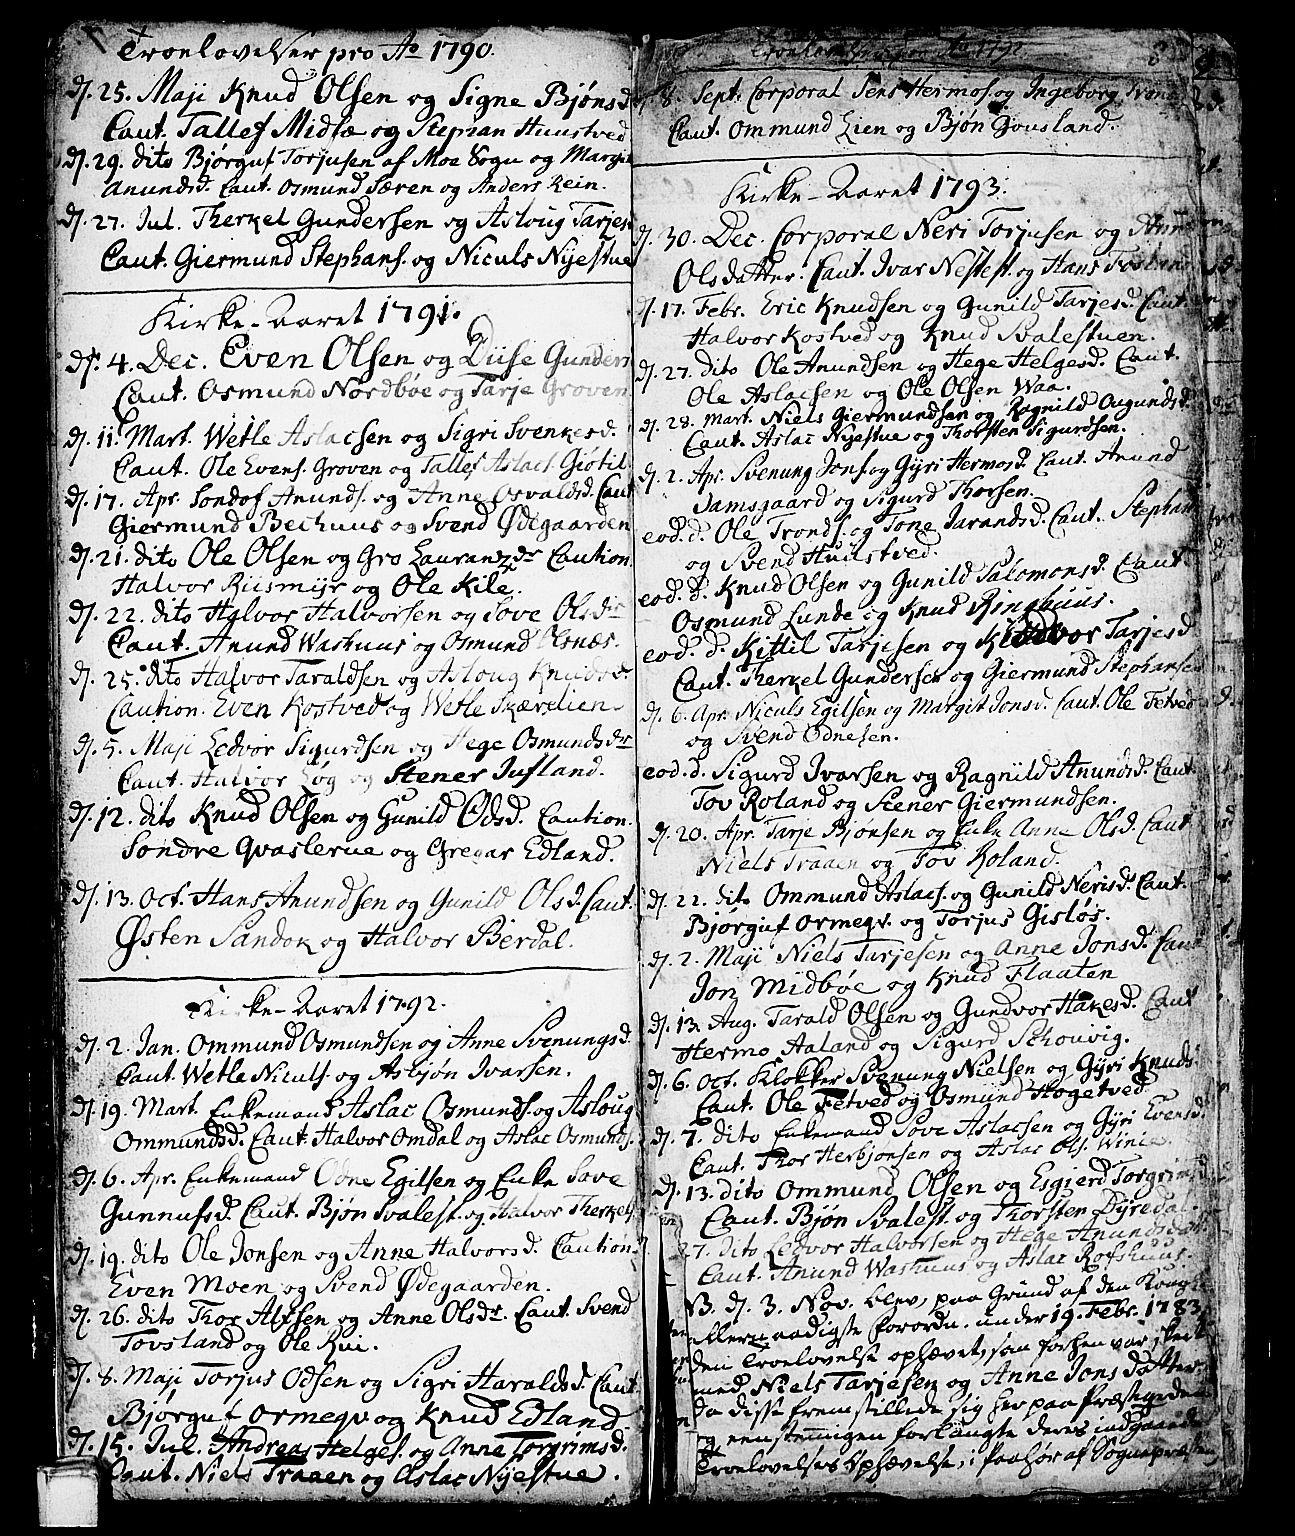 SAKO, Vinje kirkebøker, F/Fa/L0002: Ministerialbok nr. I 2, 1767-1814, s. 8